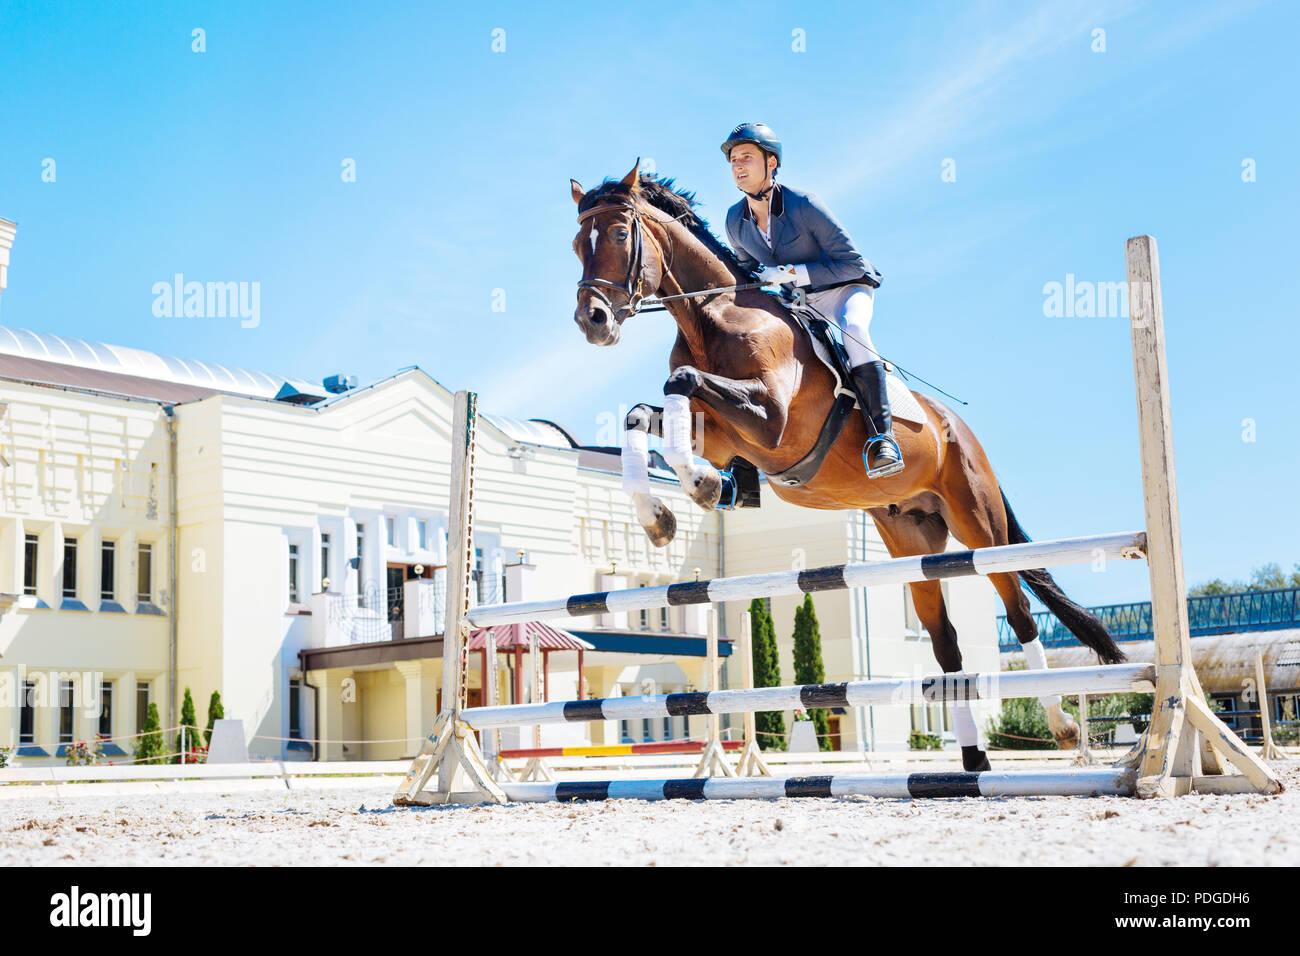 Pferd Mann trägt blaue Jacke Gefühl aufgeregt beim Pferd Hürdenlauf Stockbild